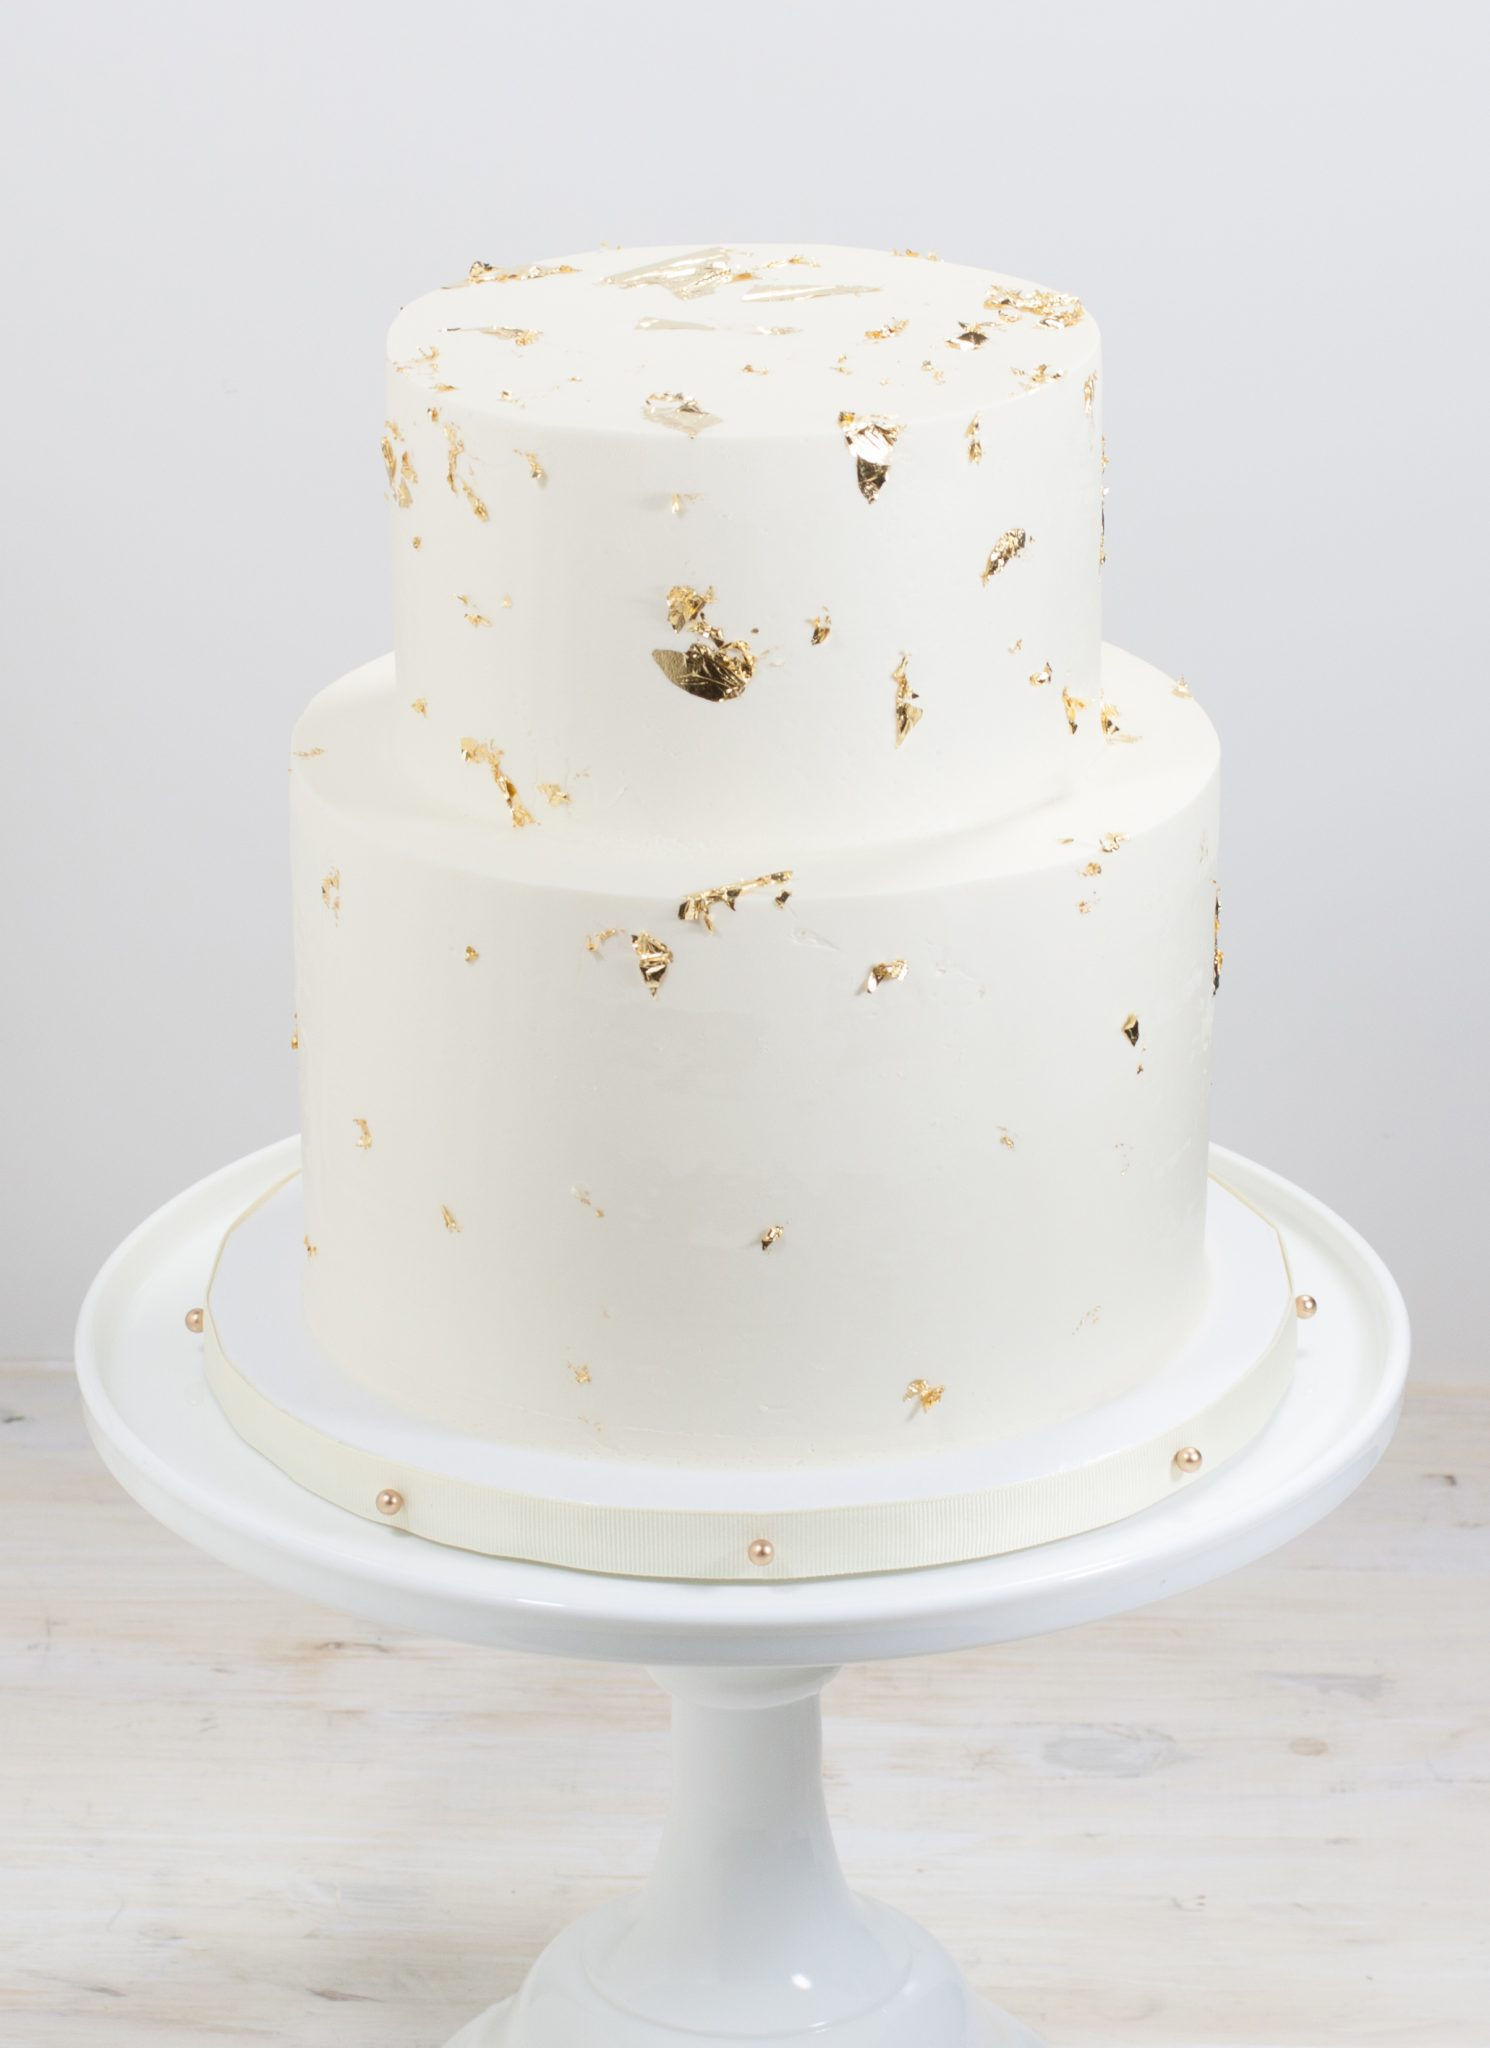 gold-leaf-wedding-cake-whipped-bakeshop